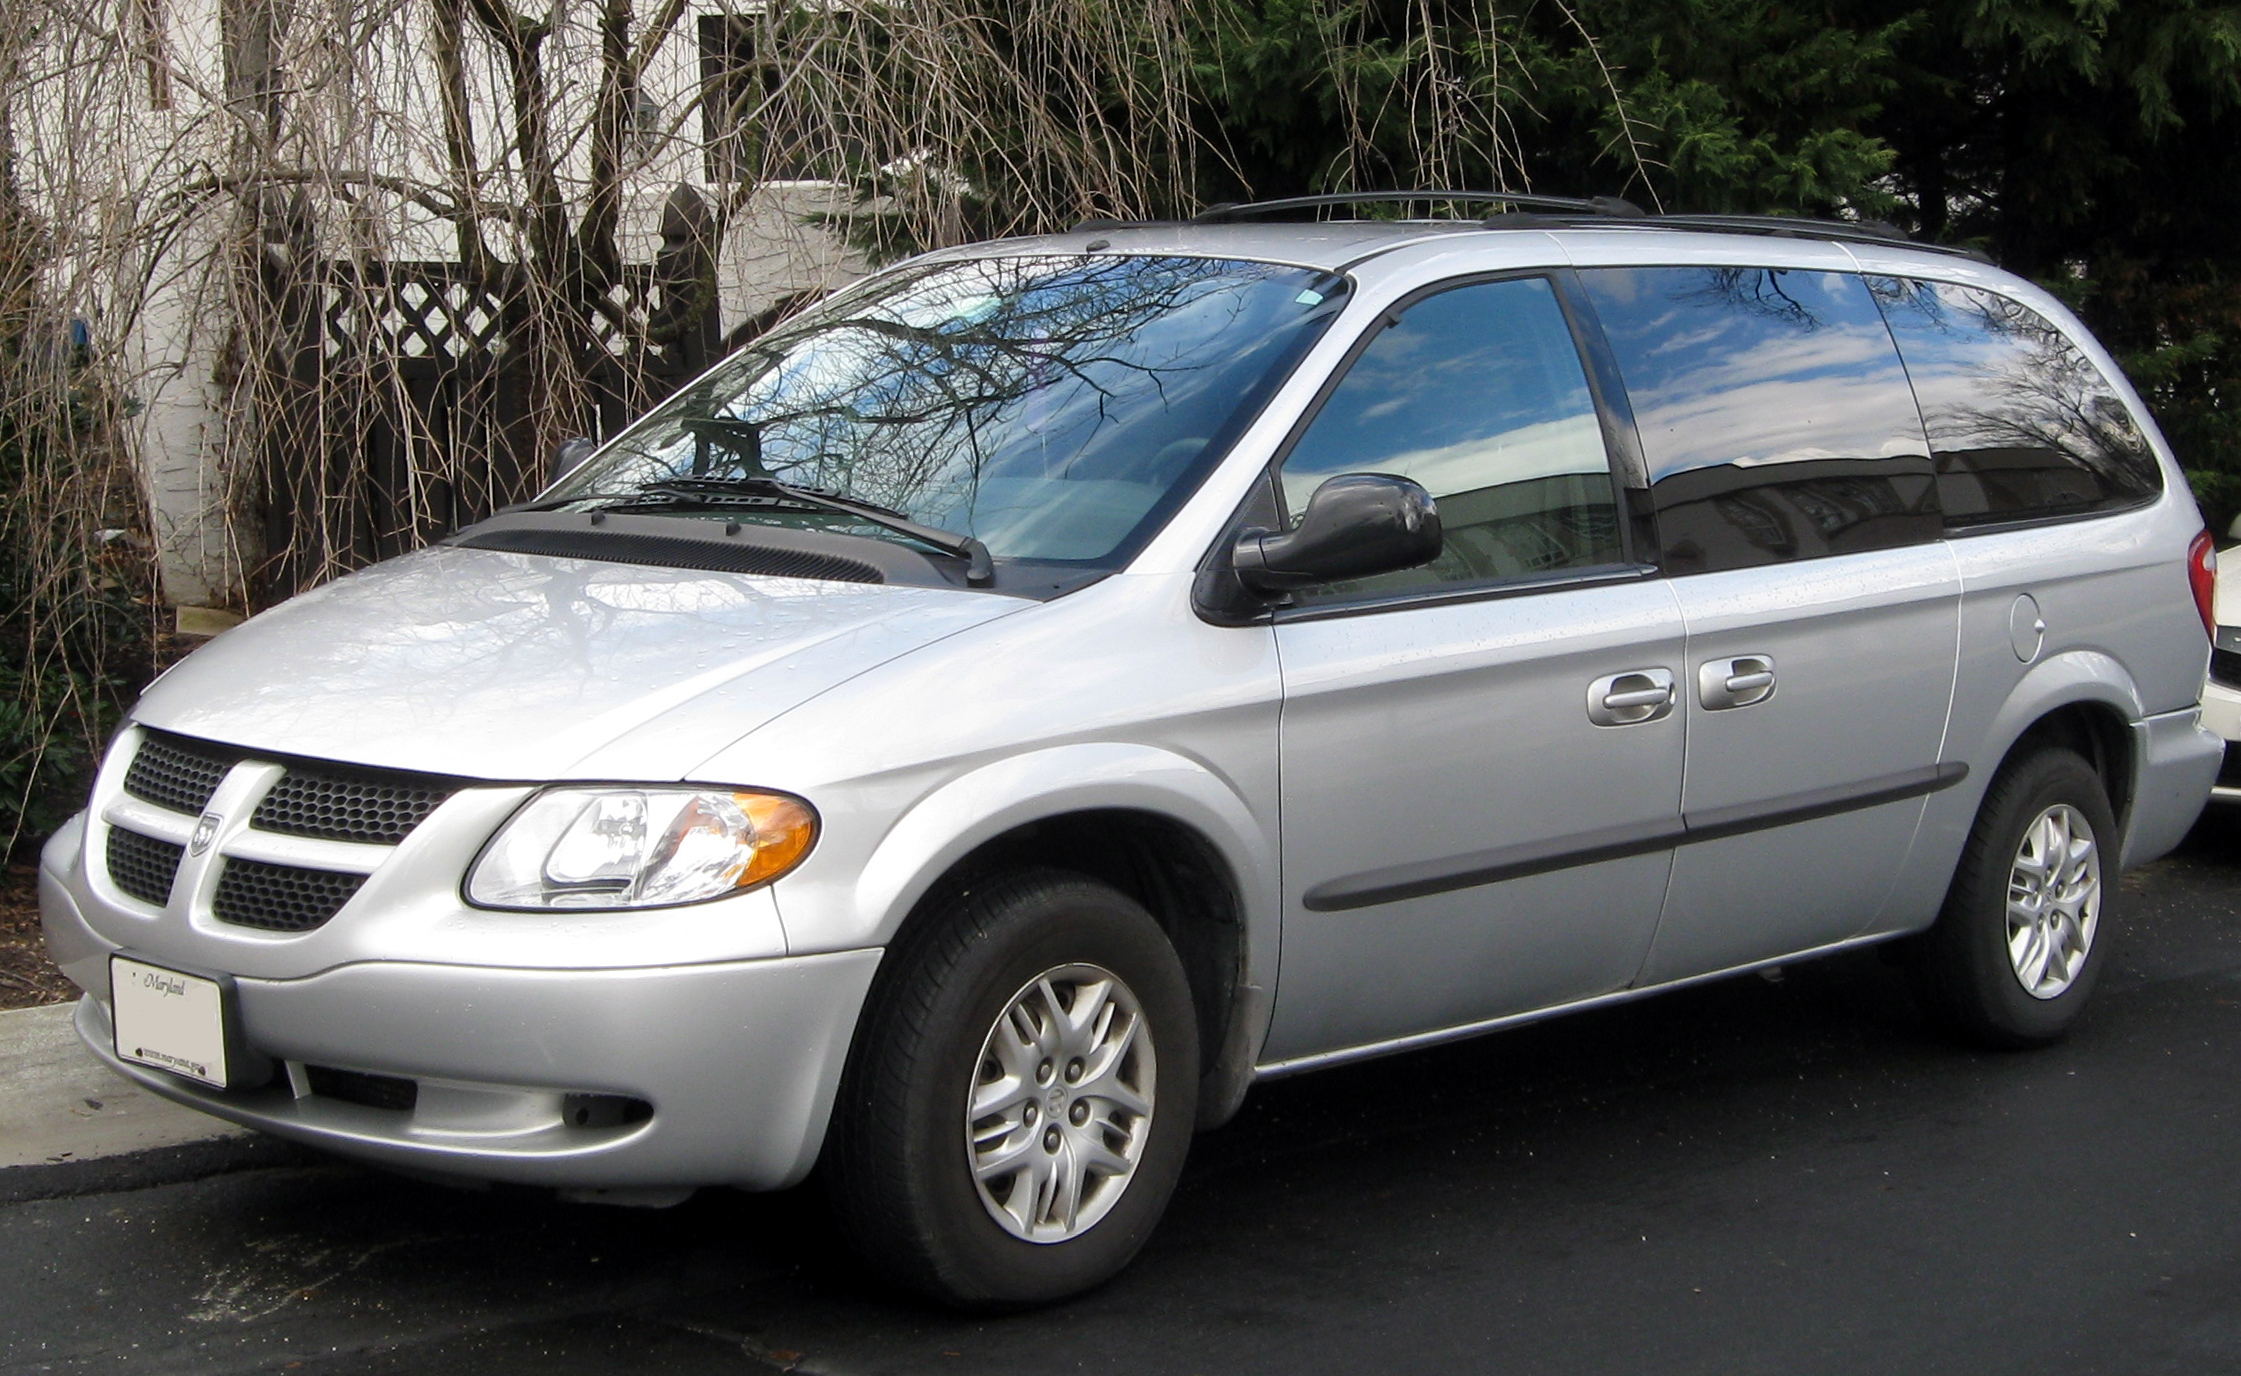 Dodge Caravan 2001 foto - 2